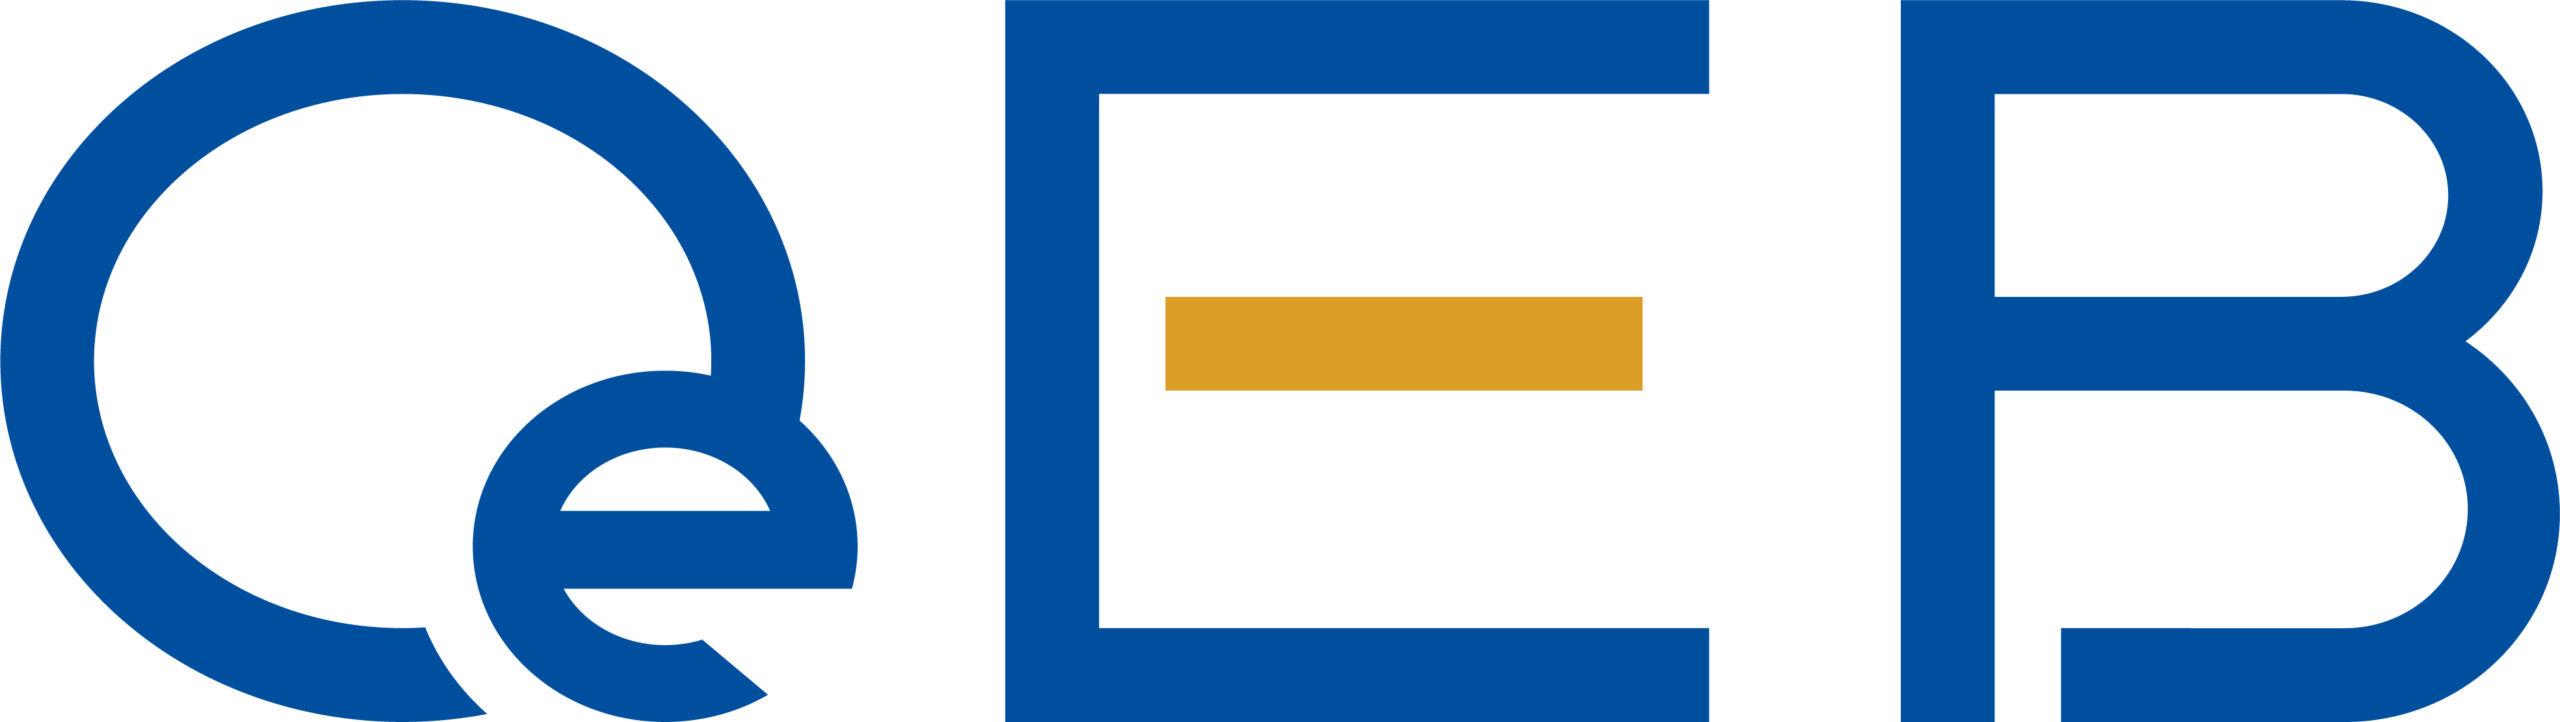 Logo OeEB_Österreichische Entwicklungsbank